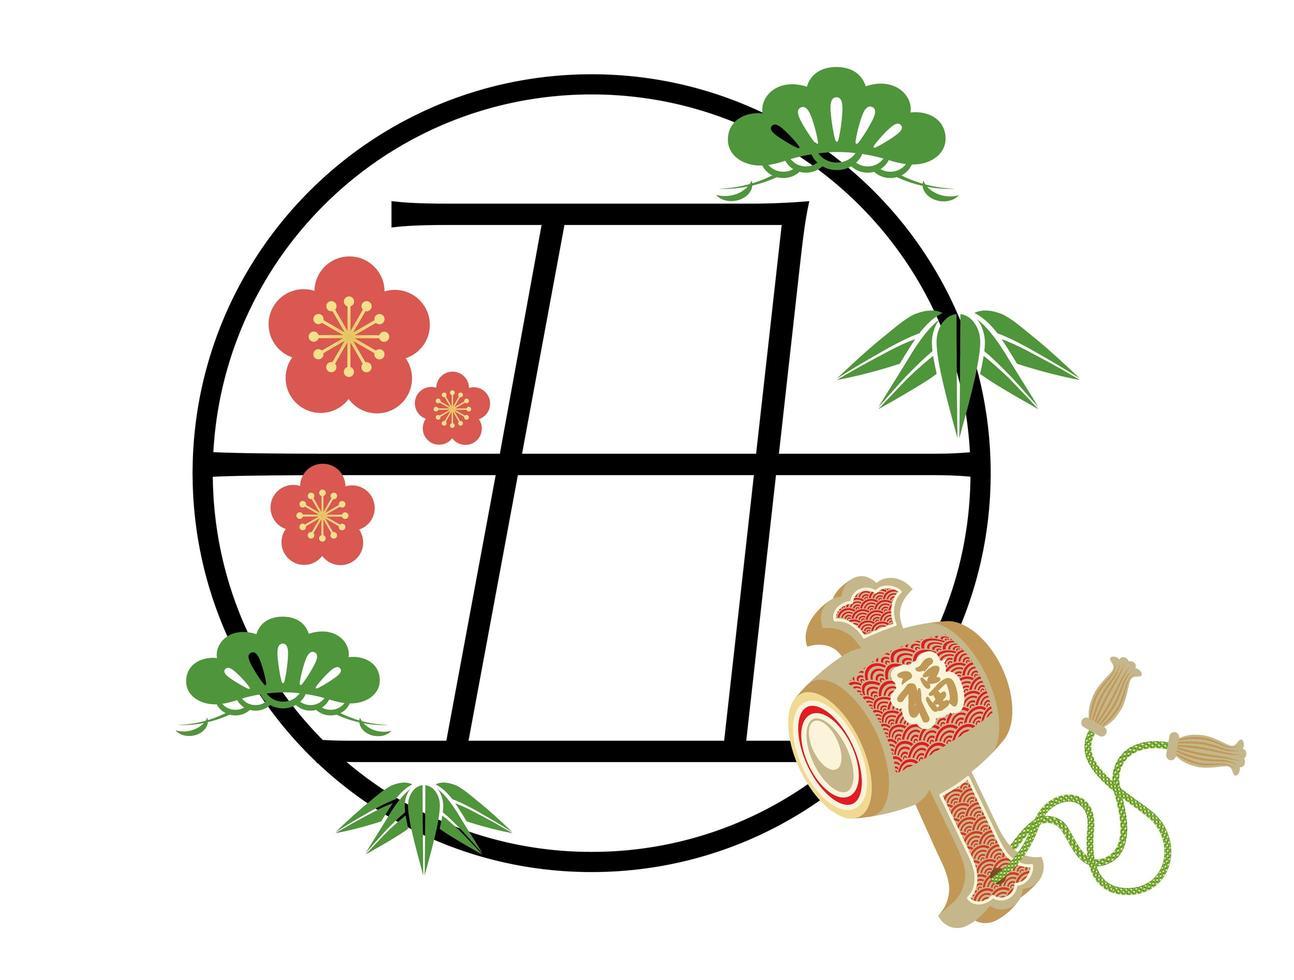 année de l & # 39; icône de calligraphie kanji bœuf vecteur